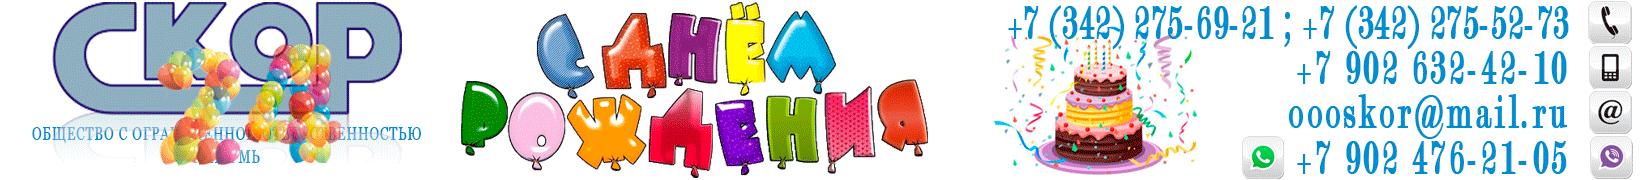 Логотип Сайта 2 декабря